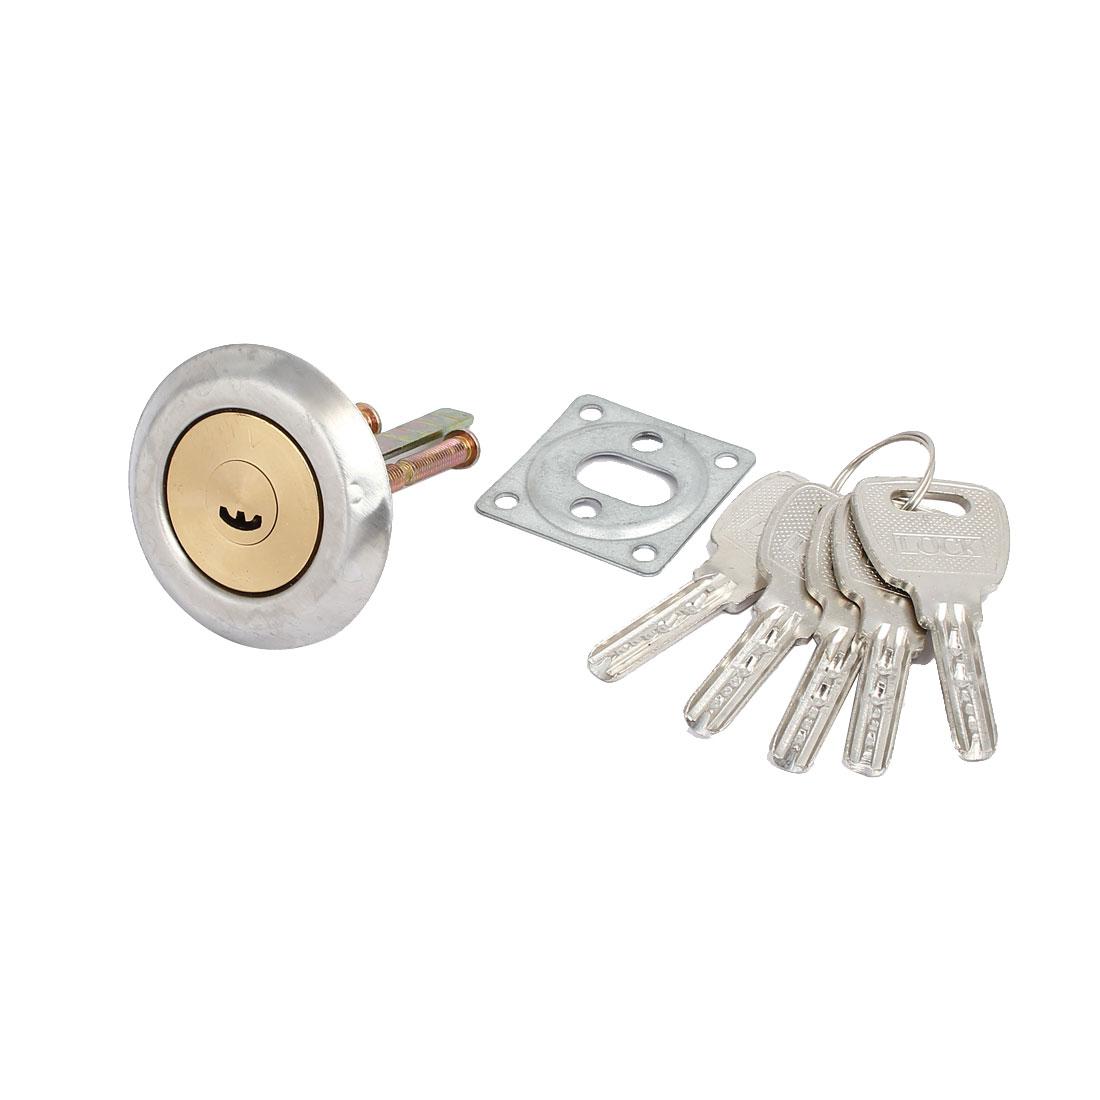 Furniture Closet Door Brass Cylinder Head Plunger Lock 64mmx52mm w 6 Keys